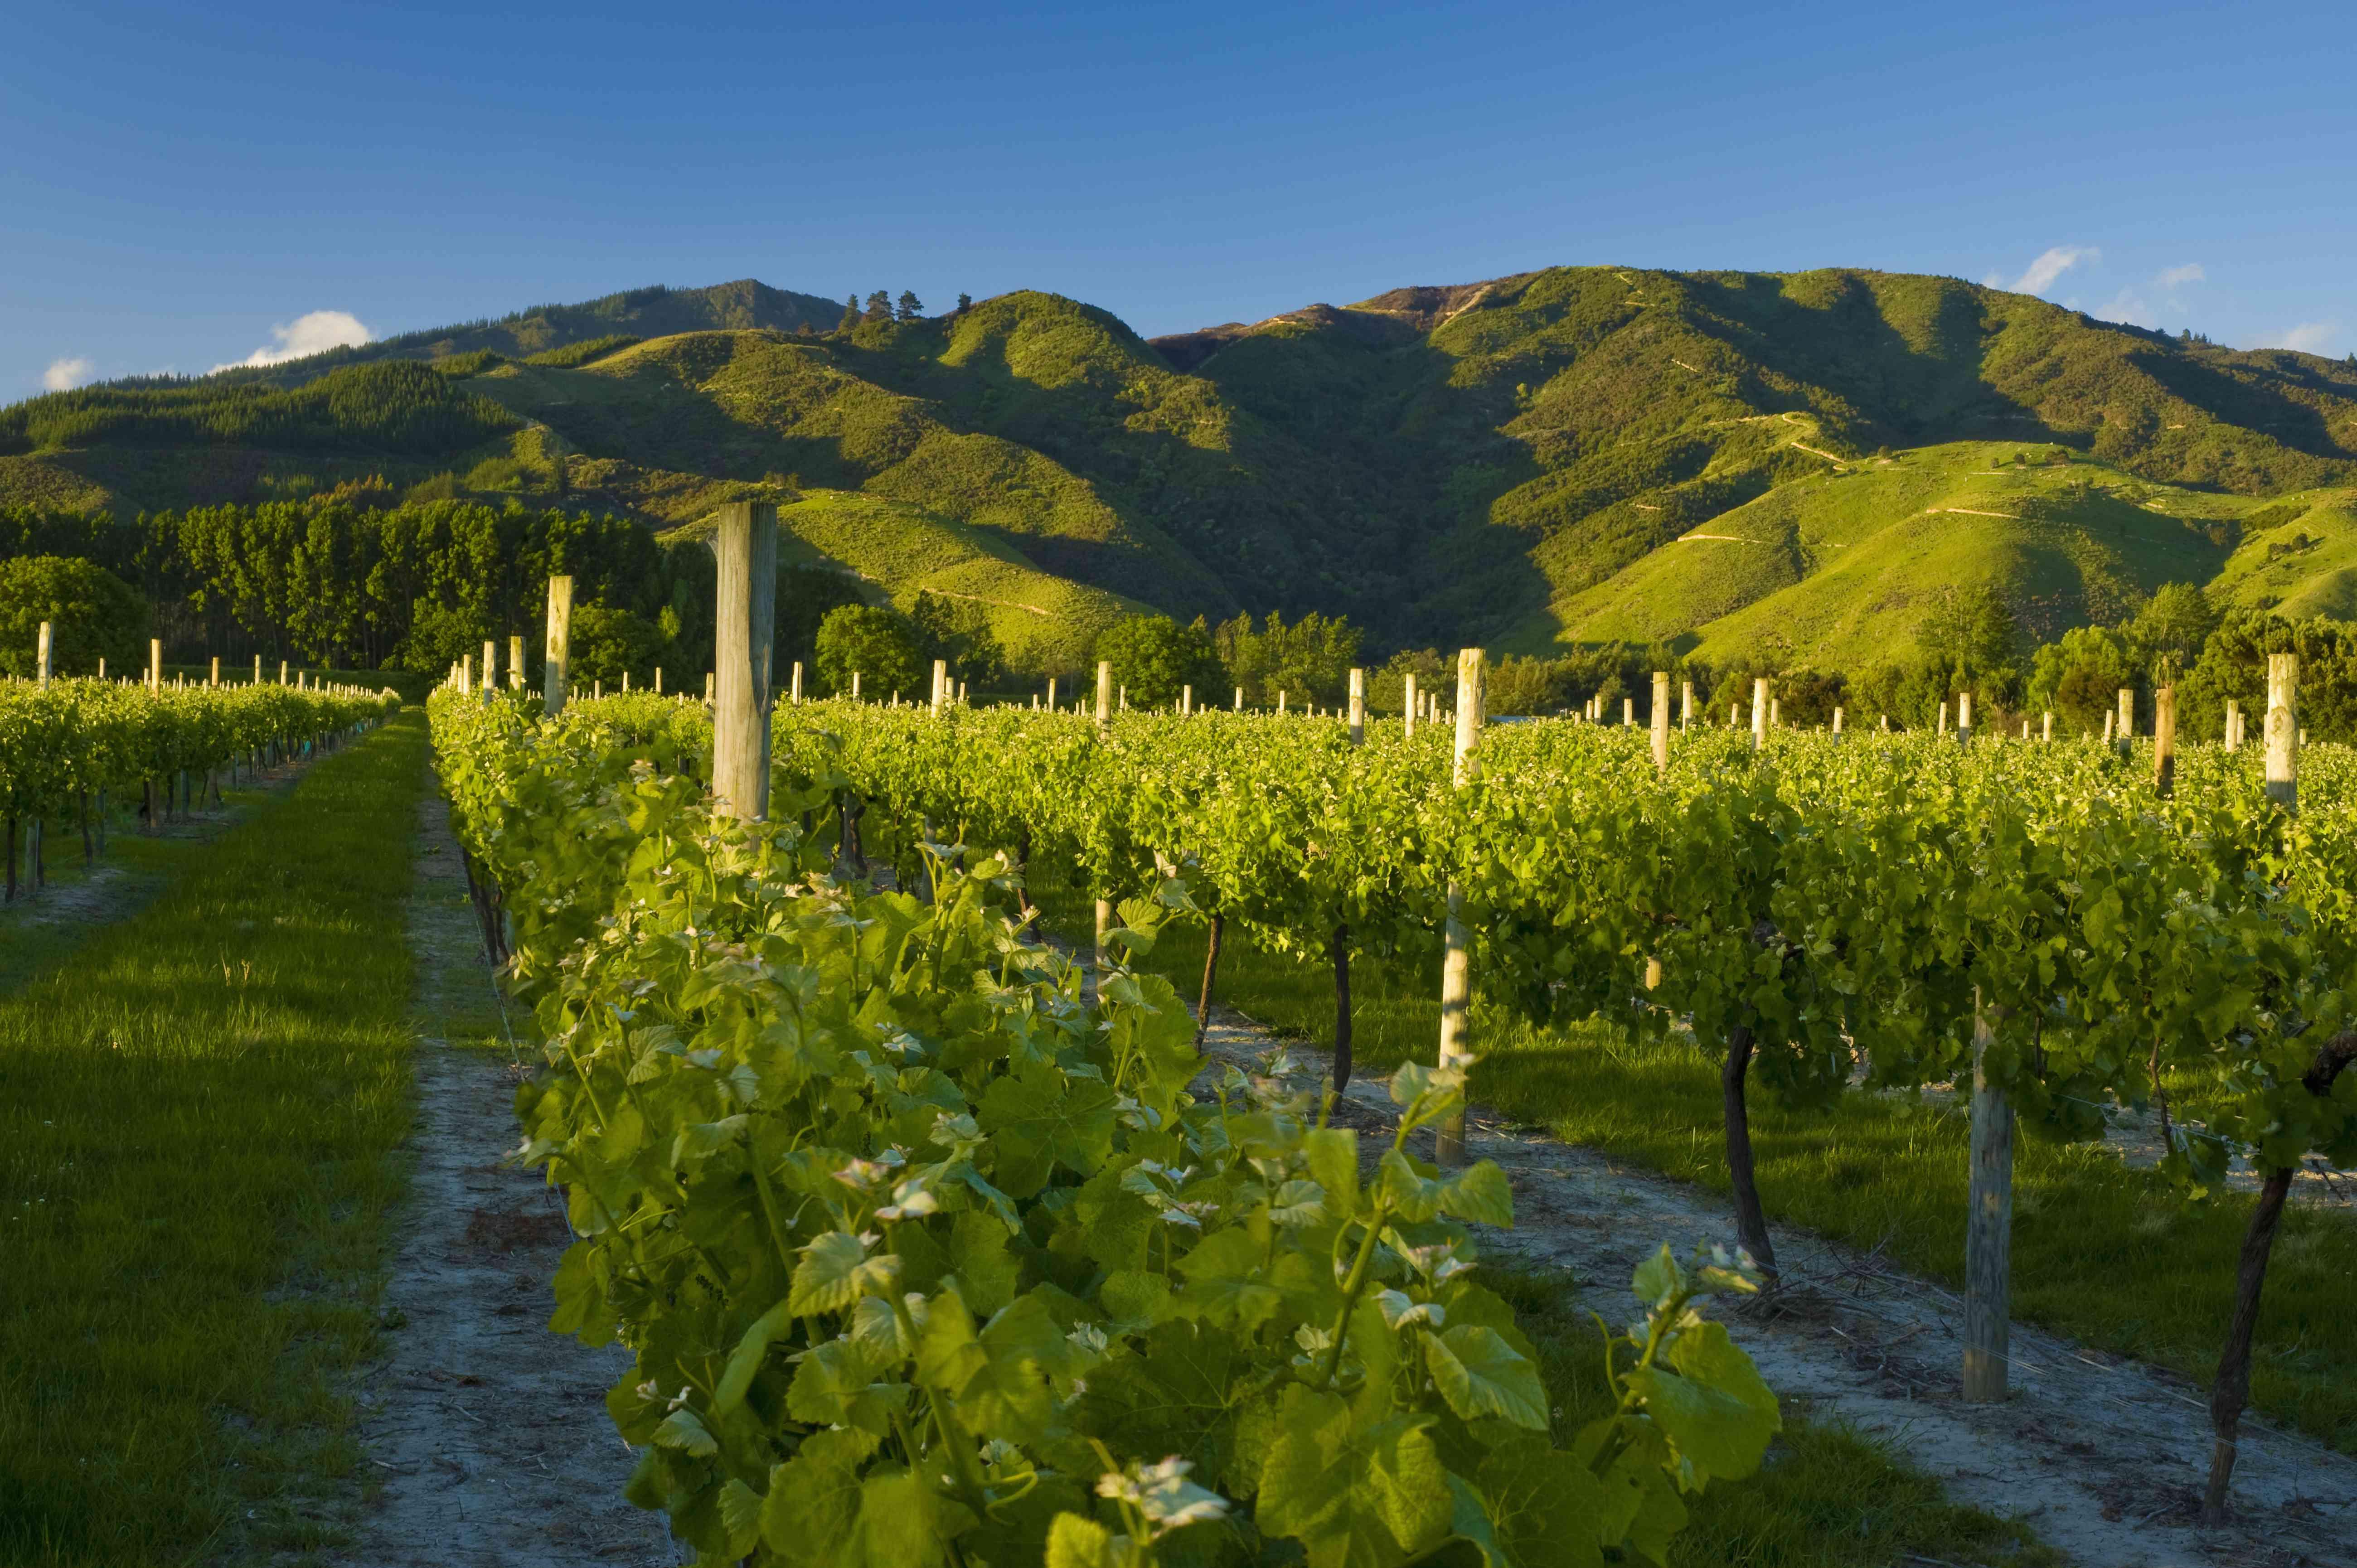 Uvas que crecen en viñedos en la región de Marlborough de Nueva Zelanda con colinas cubiertas de hierba en el fondo